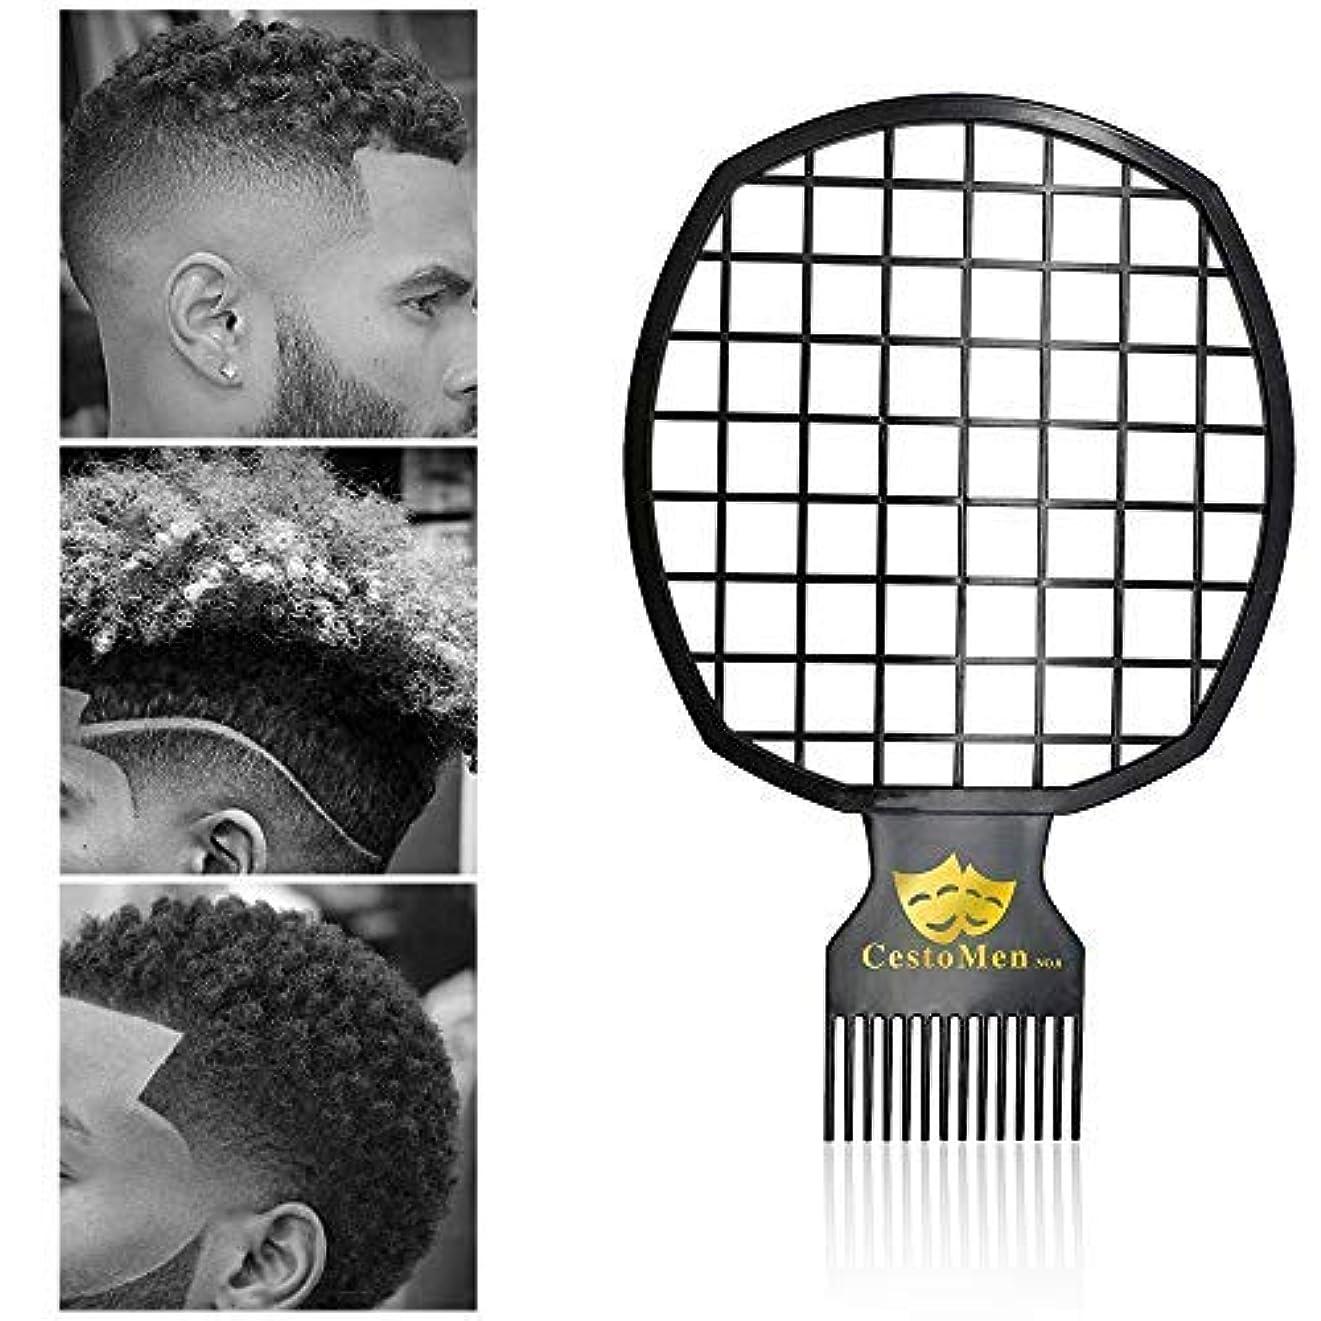 デコードするスタジオ勘違いするAfro Twist Comb Portable Two-In-One Hair Comb for Natural Twists Curls Coils Dreads Hair Styling Tool for Black...